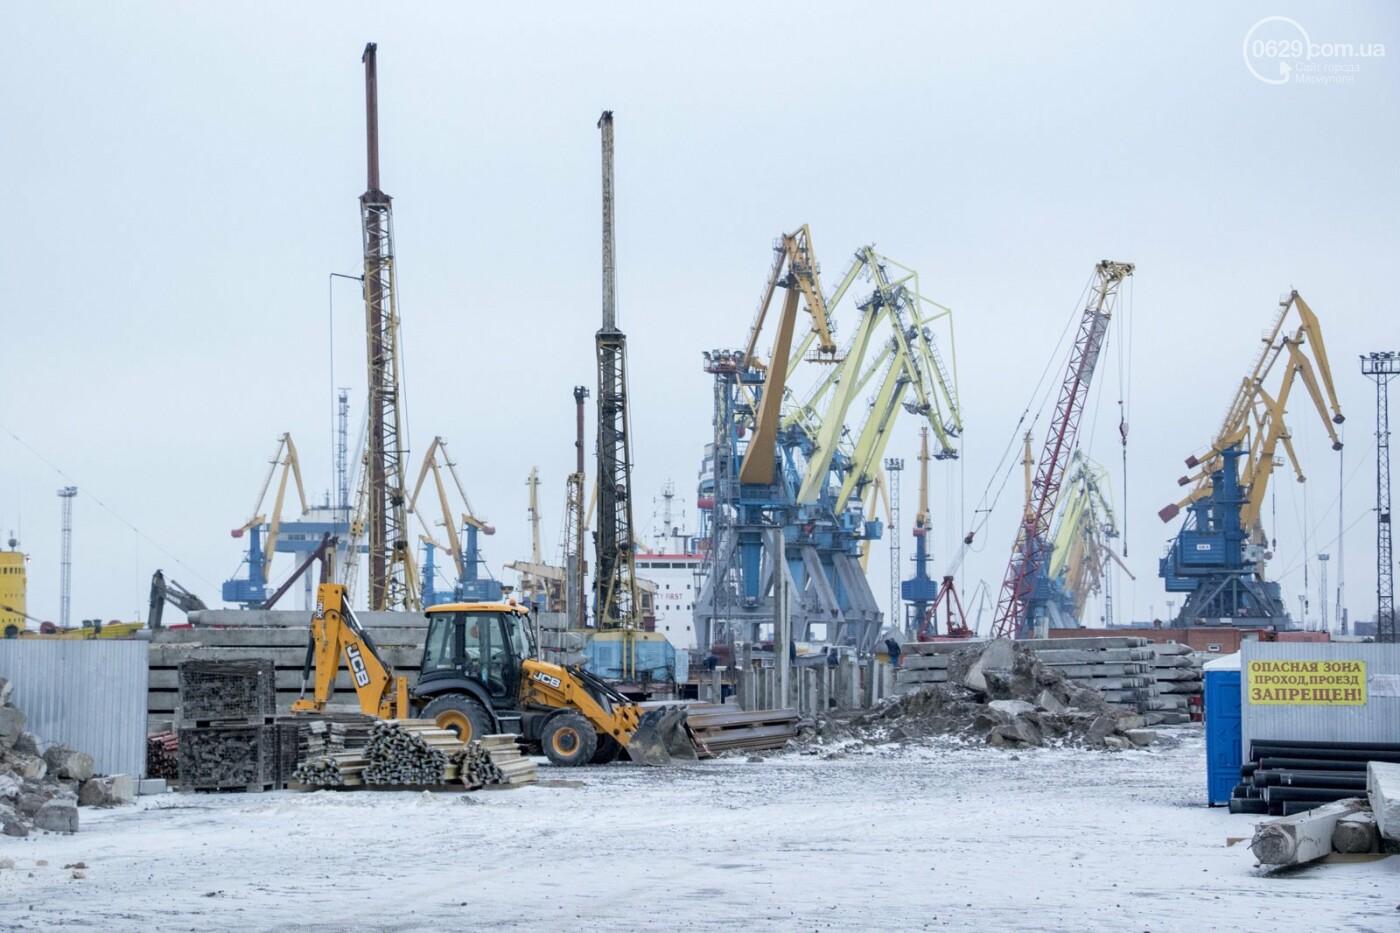 Из-за строительства Керченского моста и незаконной блокады порт Мариуполя потерял 6 миллиардов гривен, - ФОТО, фото-11